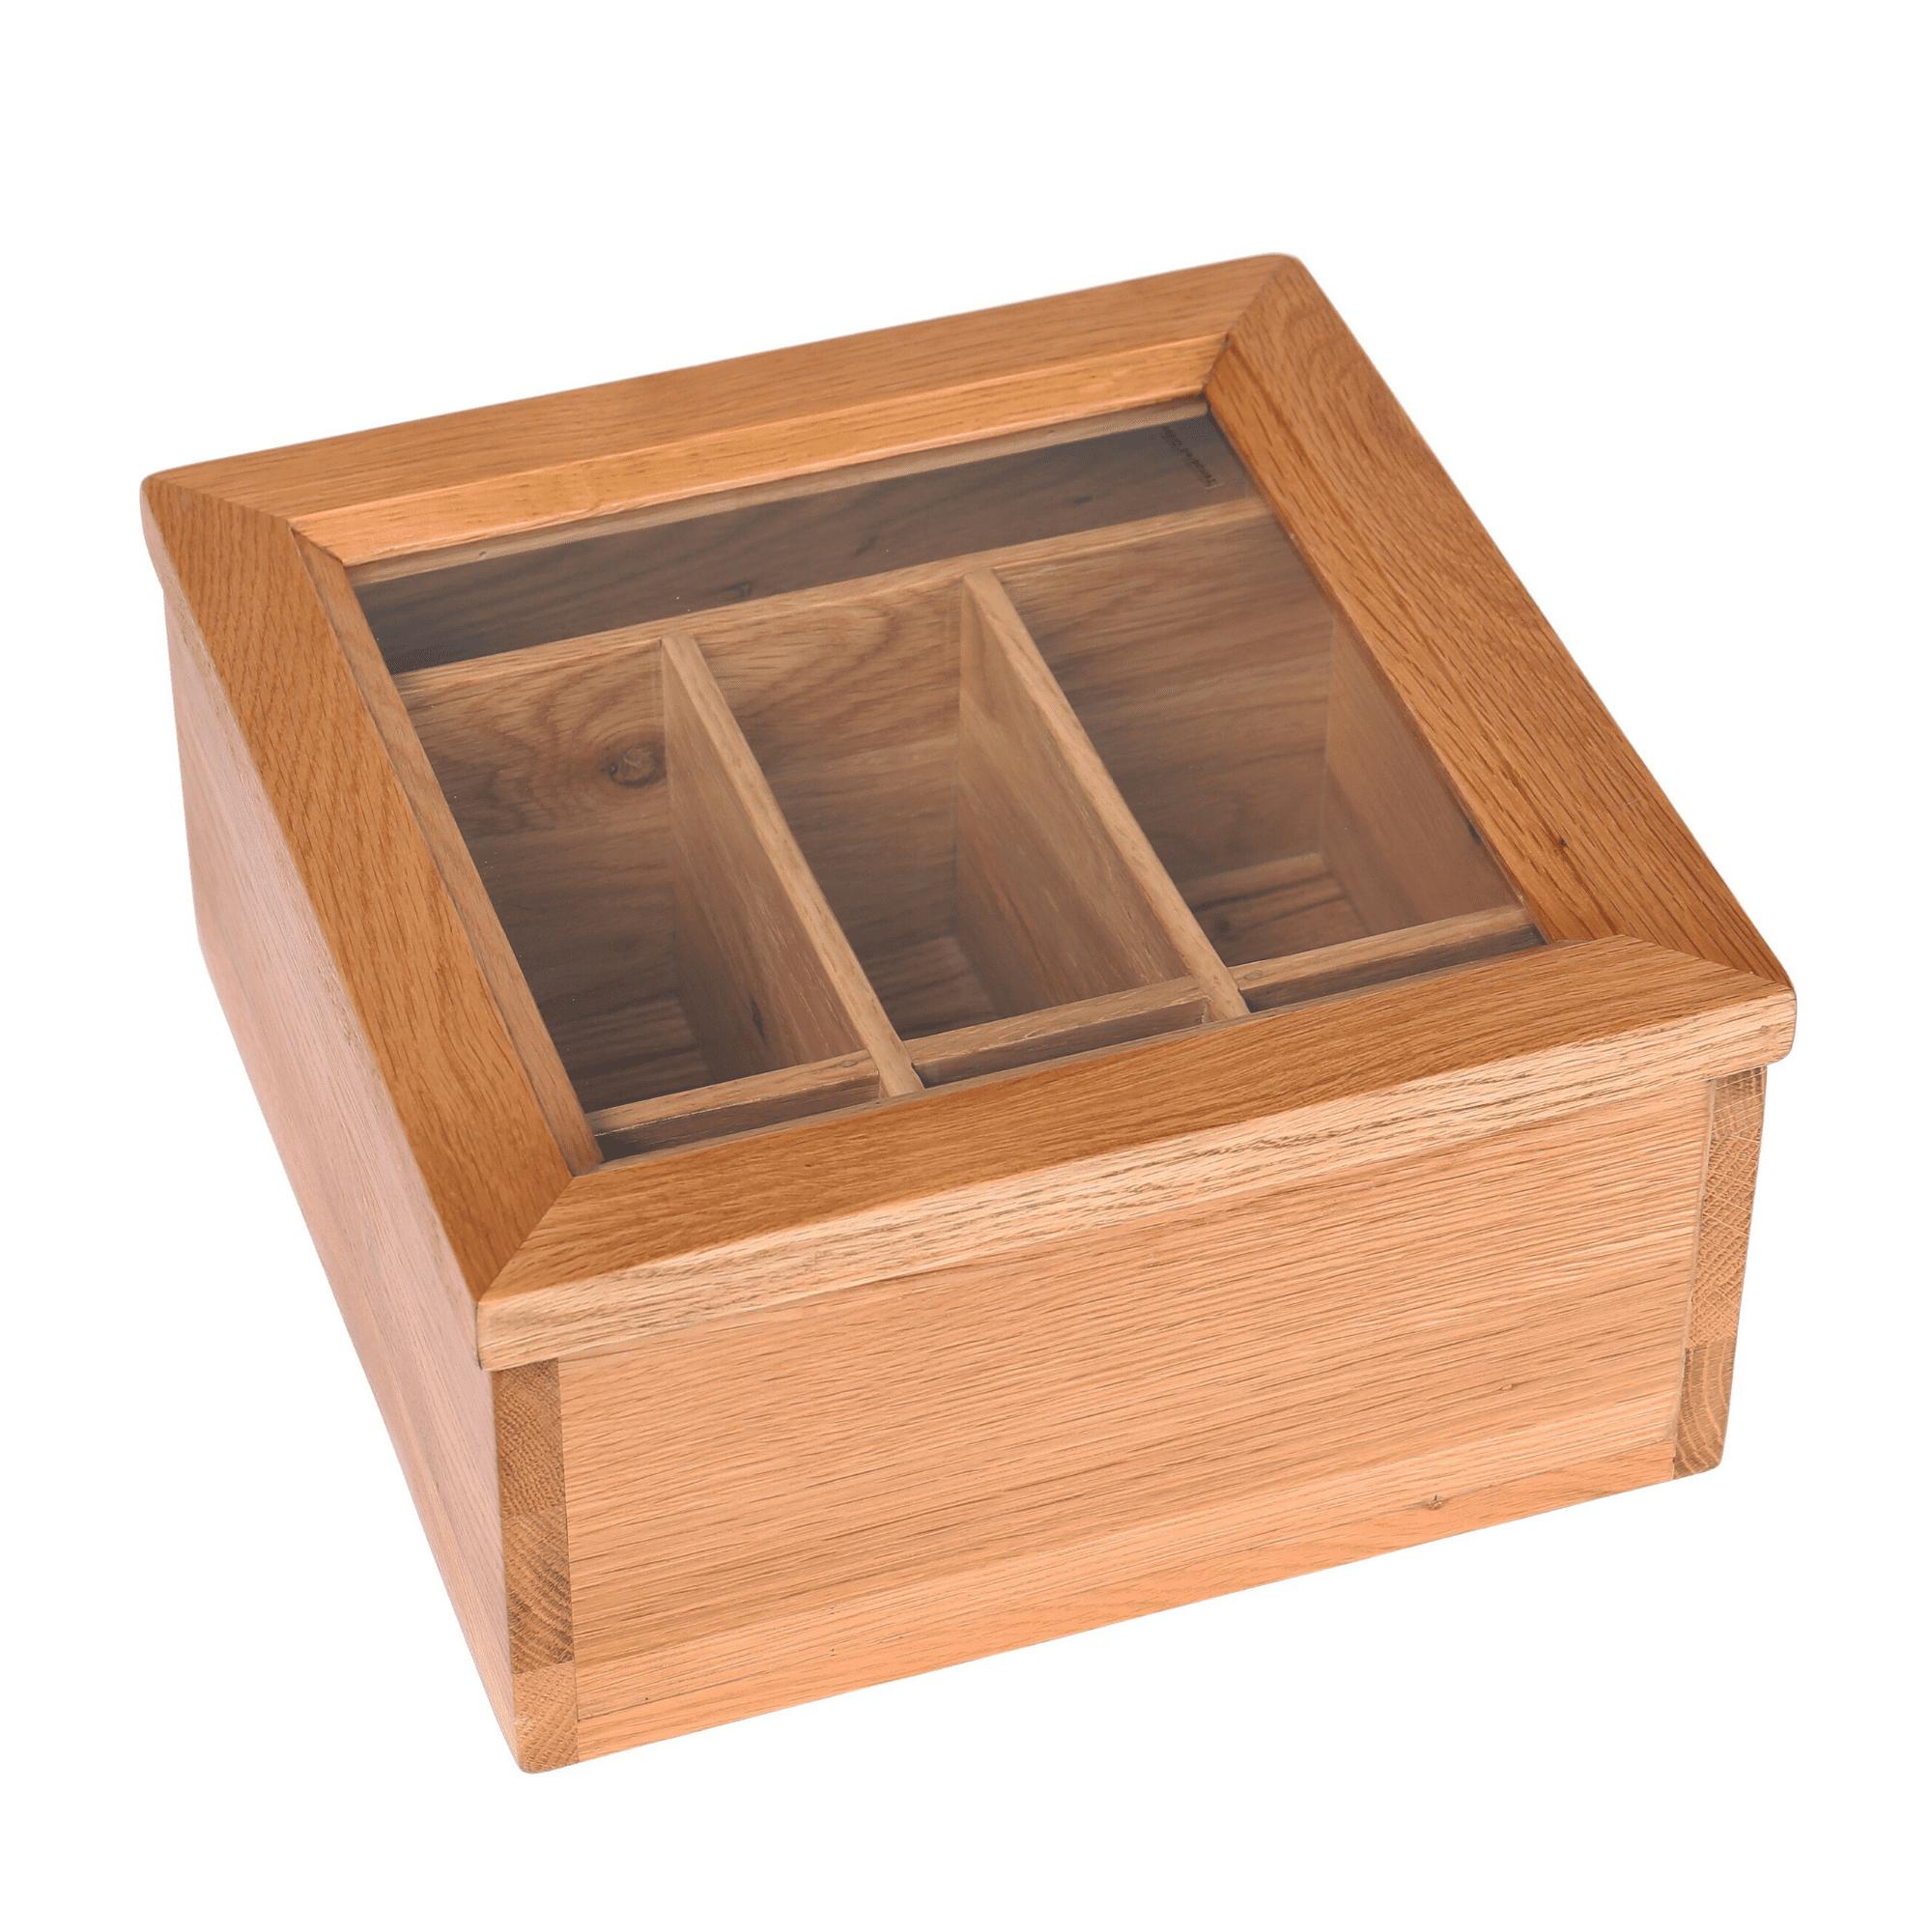 bespoke storage box canva 4